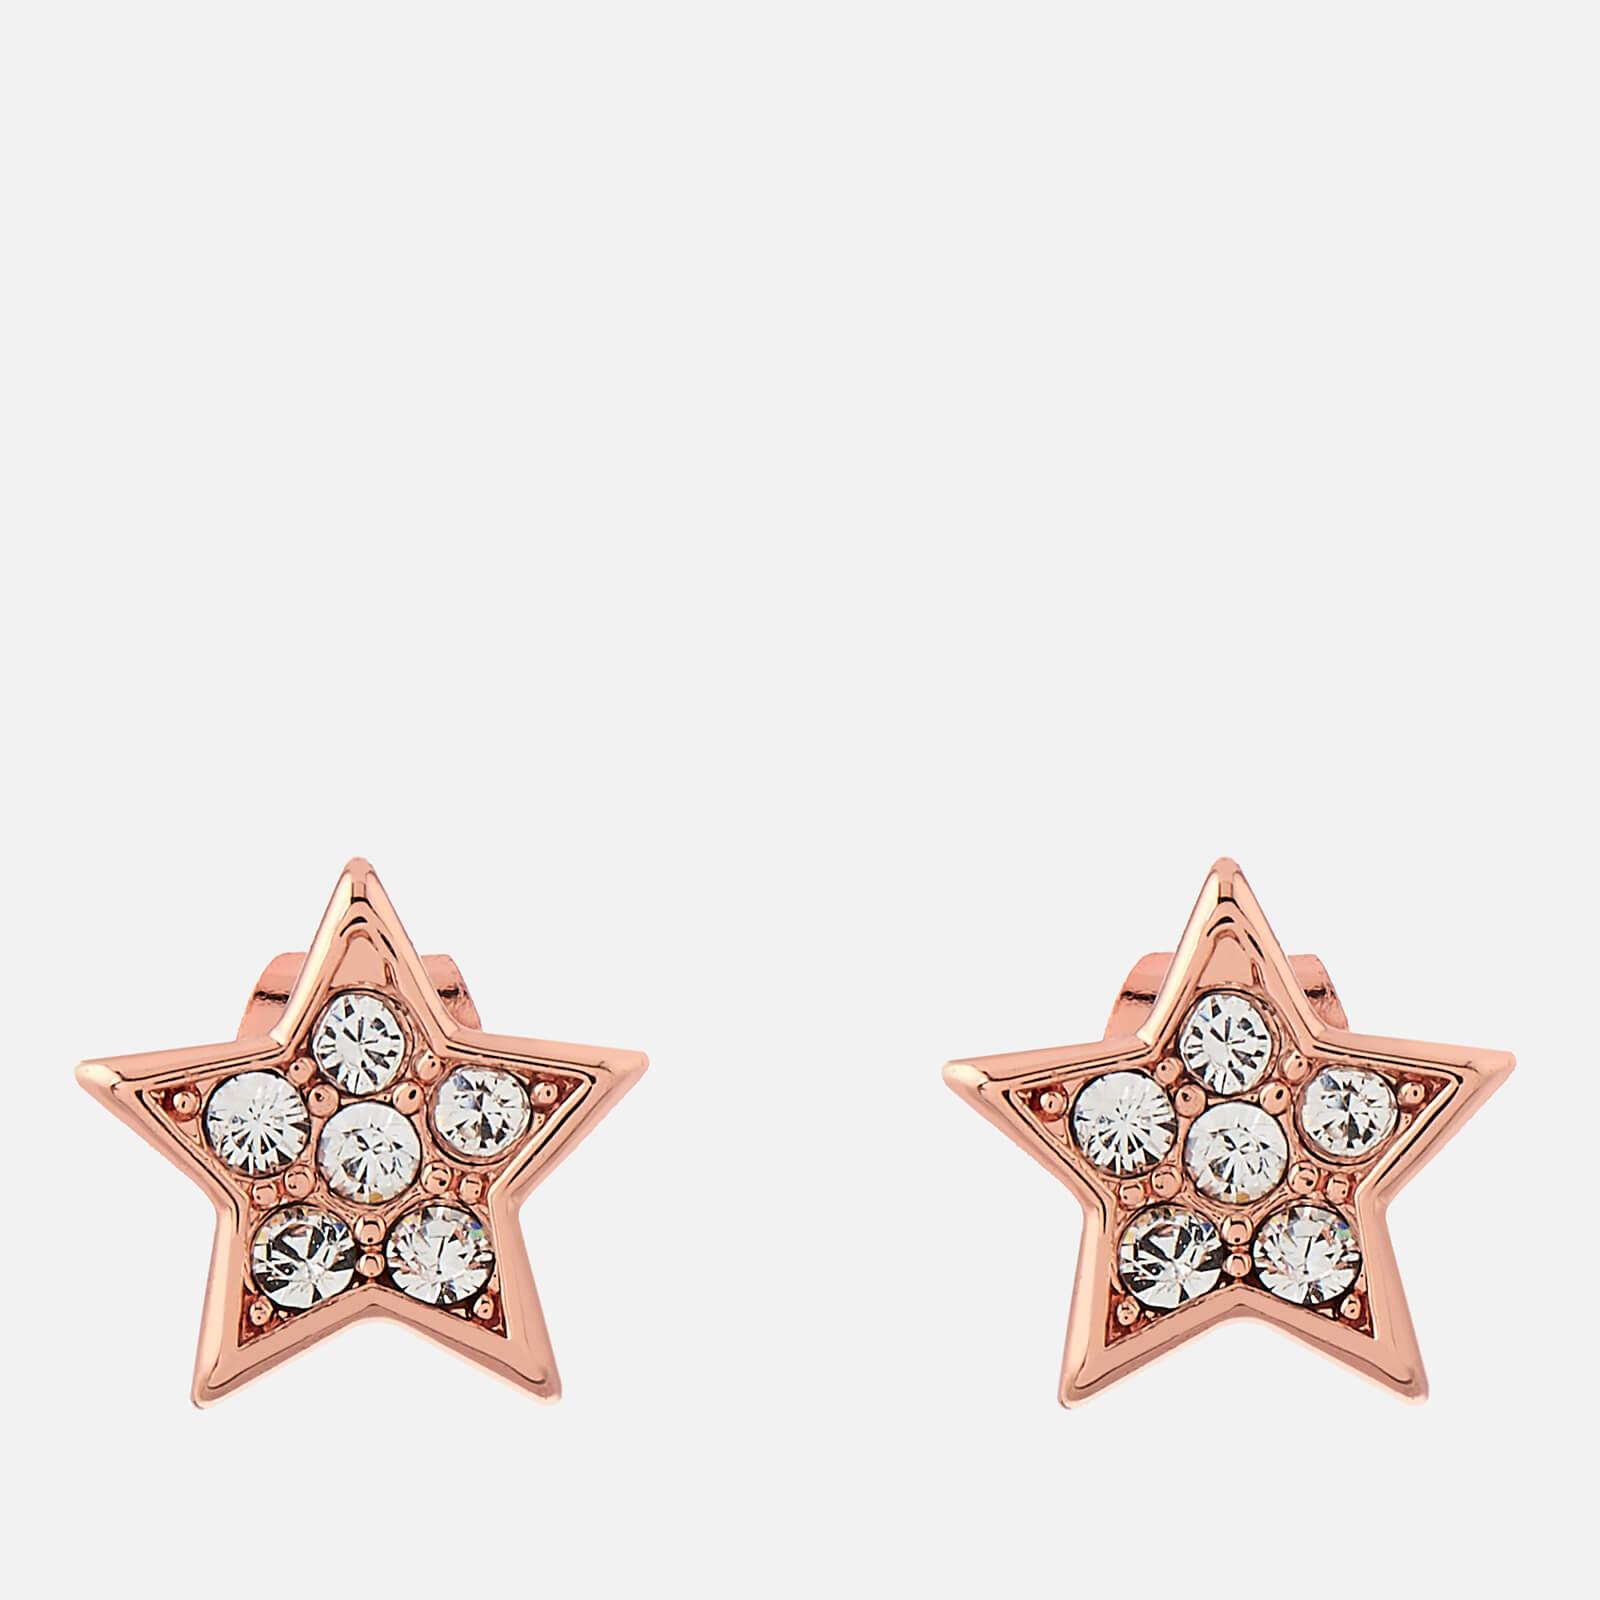 Ted Baker Women's Safire Pavé Shooting Star Stud Earrings - Rose Gold/Crystal